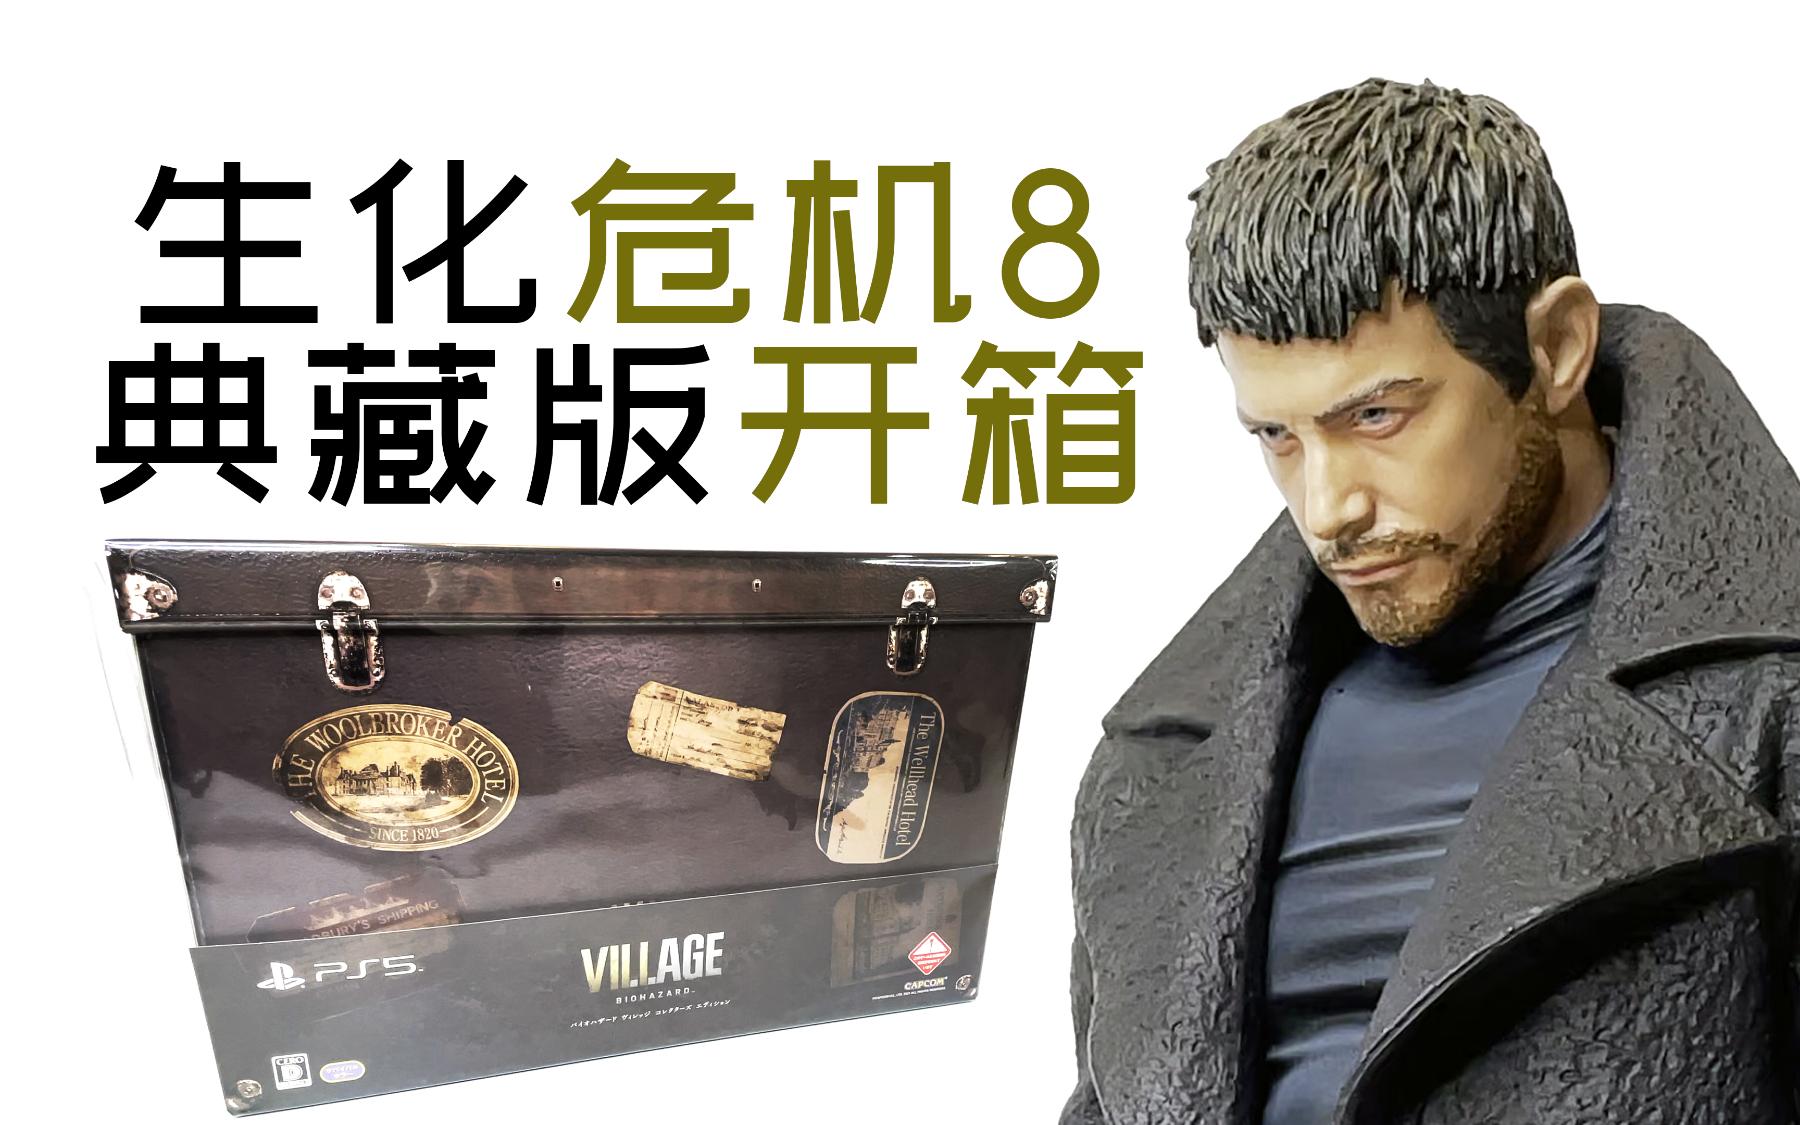 【4K】生化危机8 村庄 日版专属典藏版+高级套装 开箱赏析